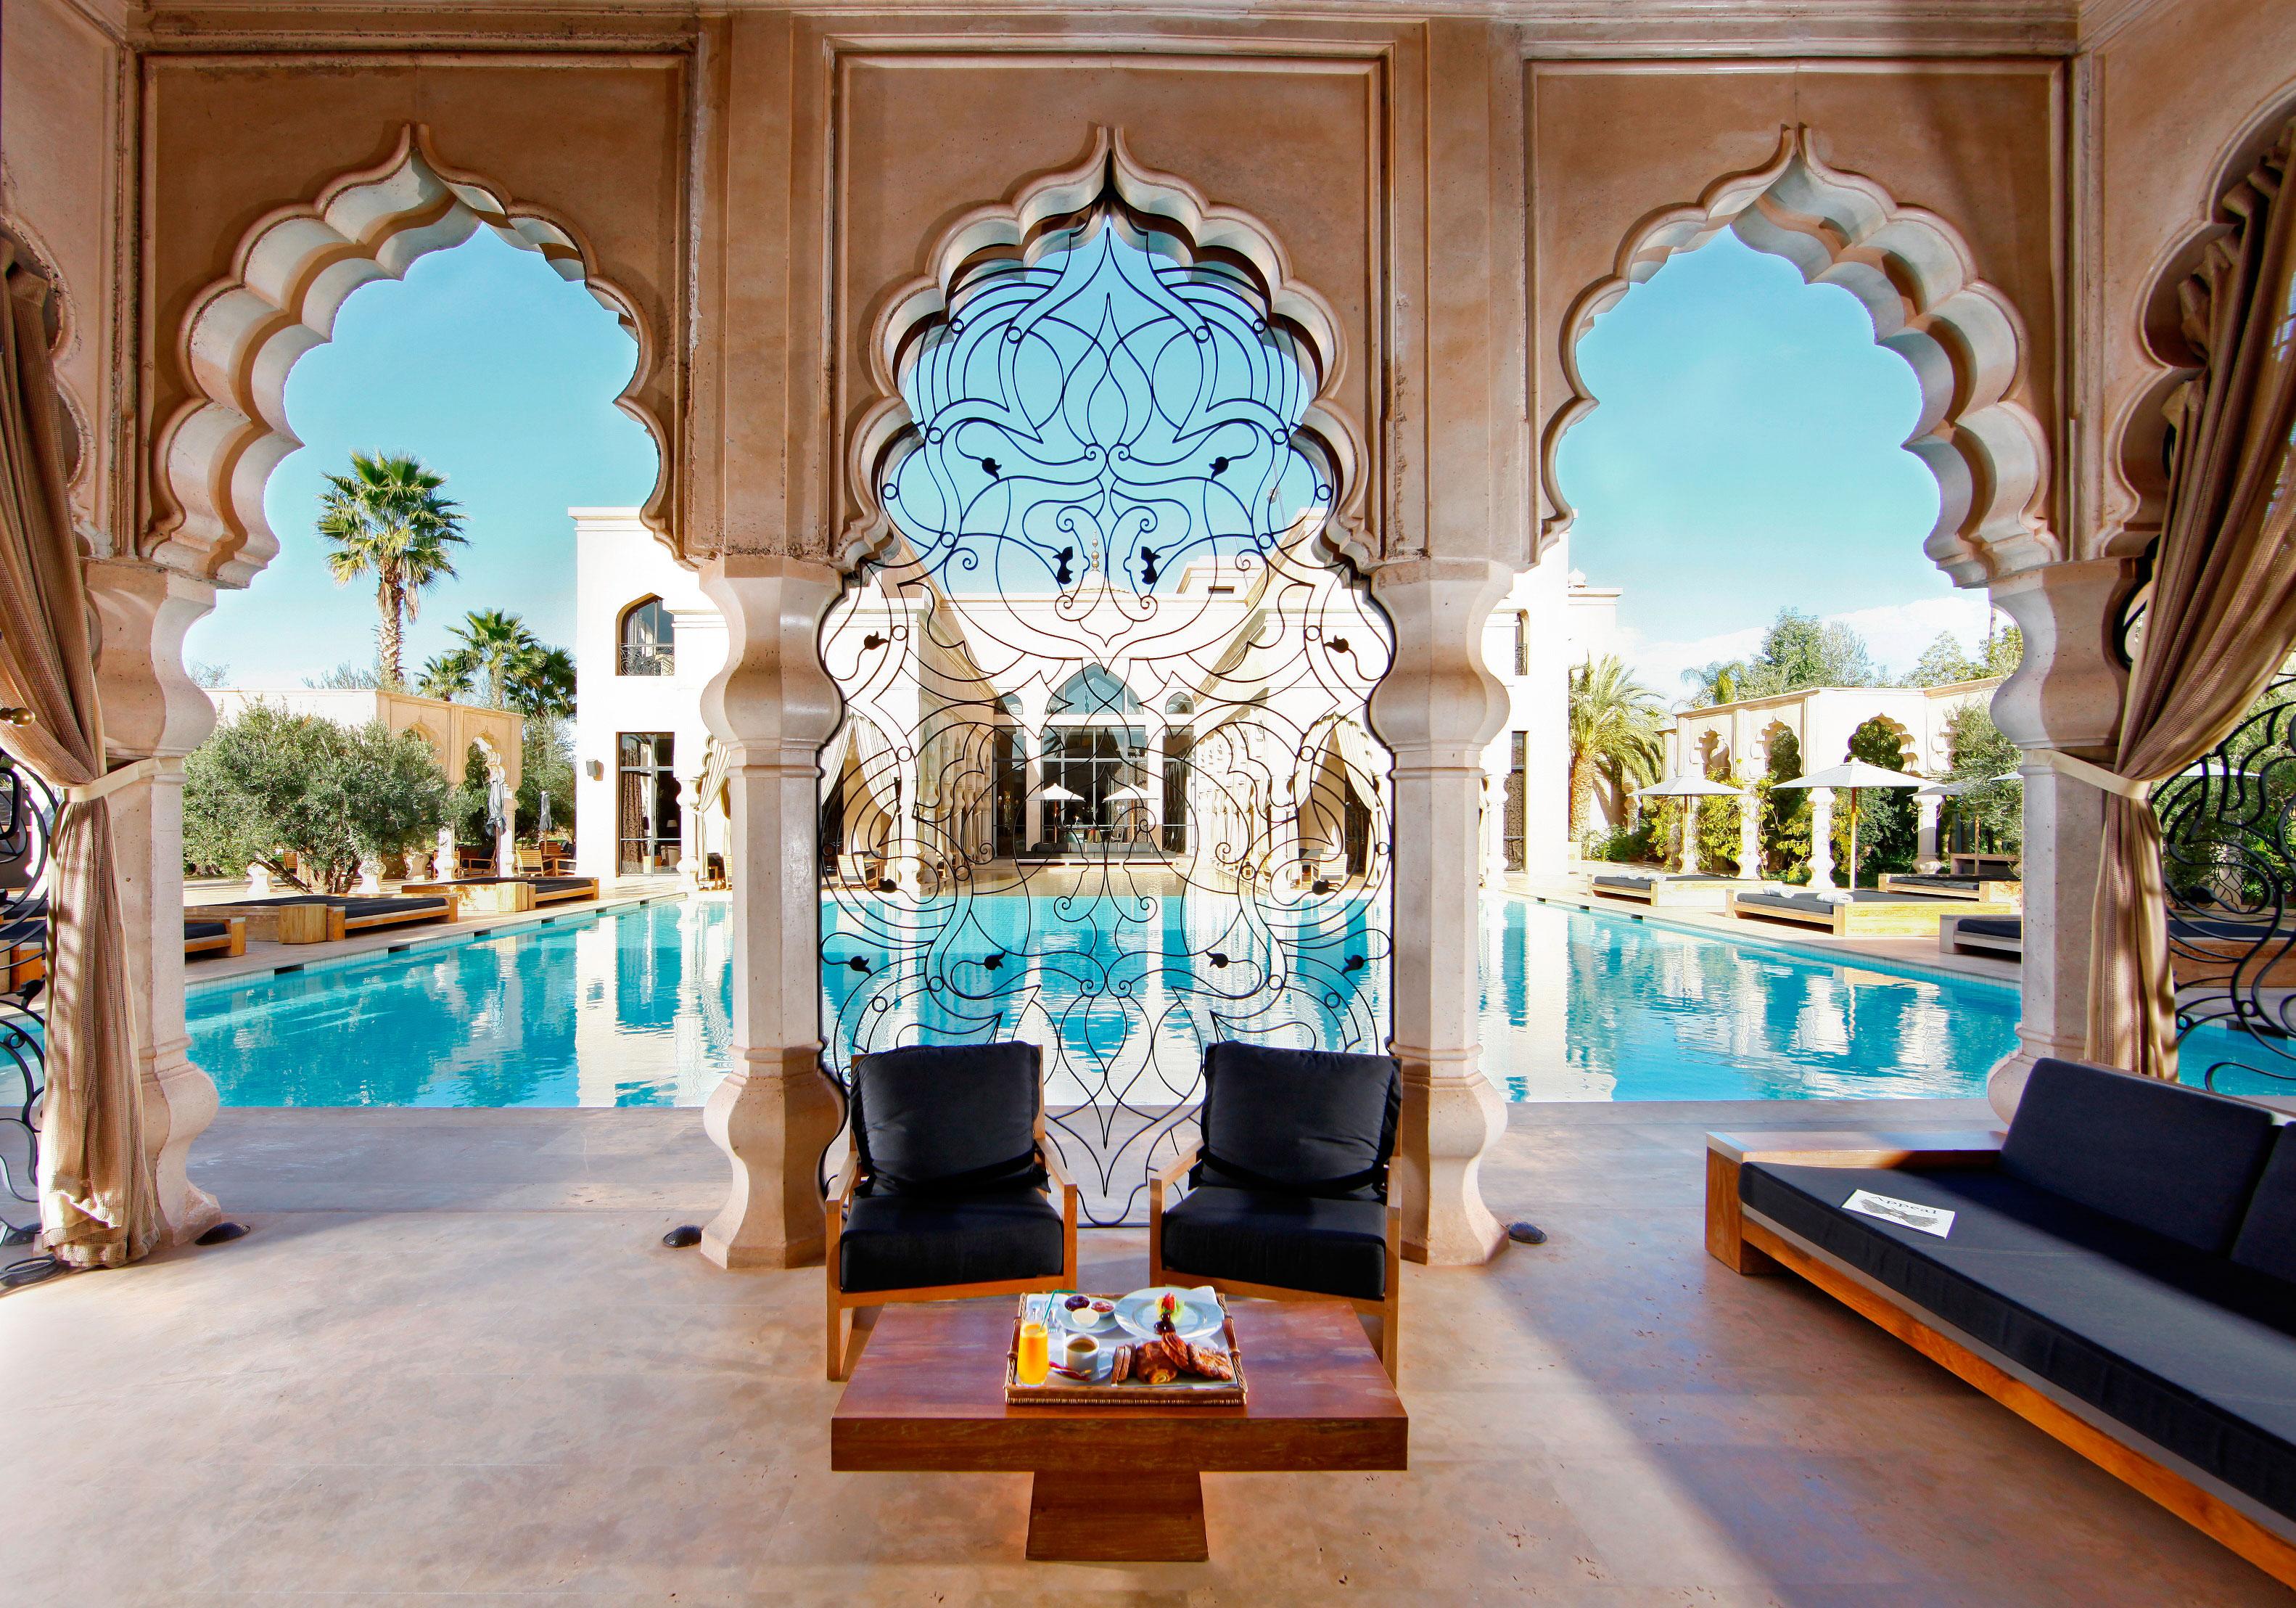 Walls-1 Arabic interior design, decor, ideas and photos